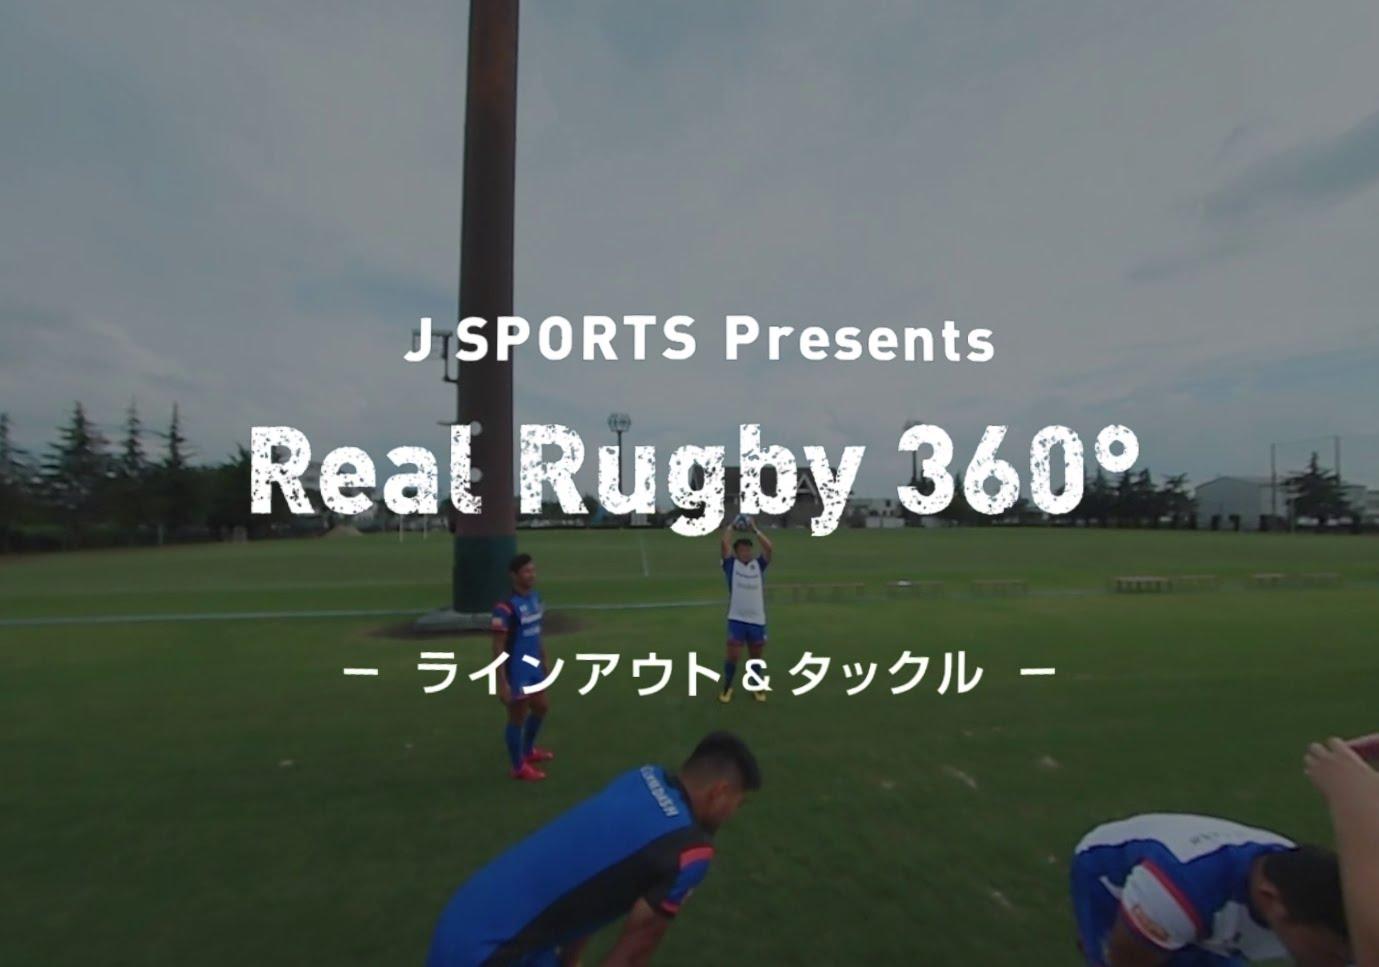 【ラグビーVR動画】Real Rugby 360°「ラインアウト&タックル」